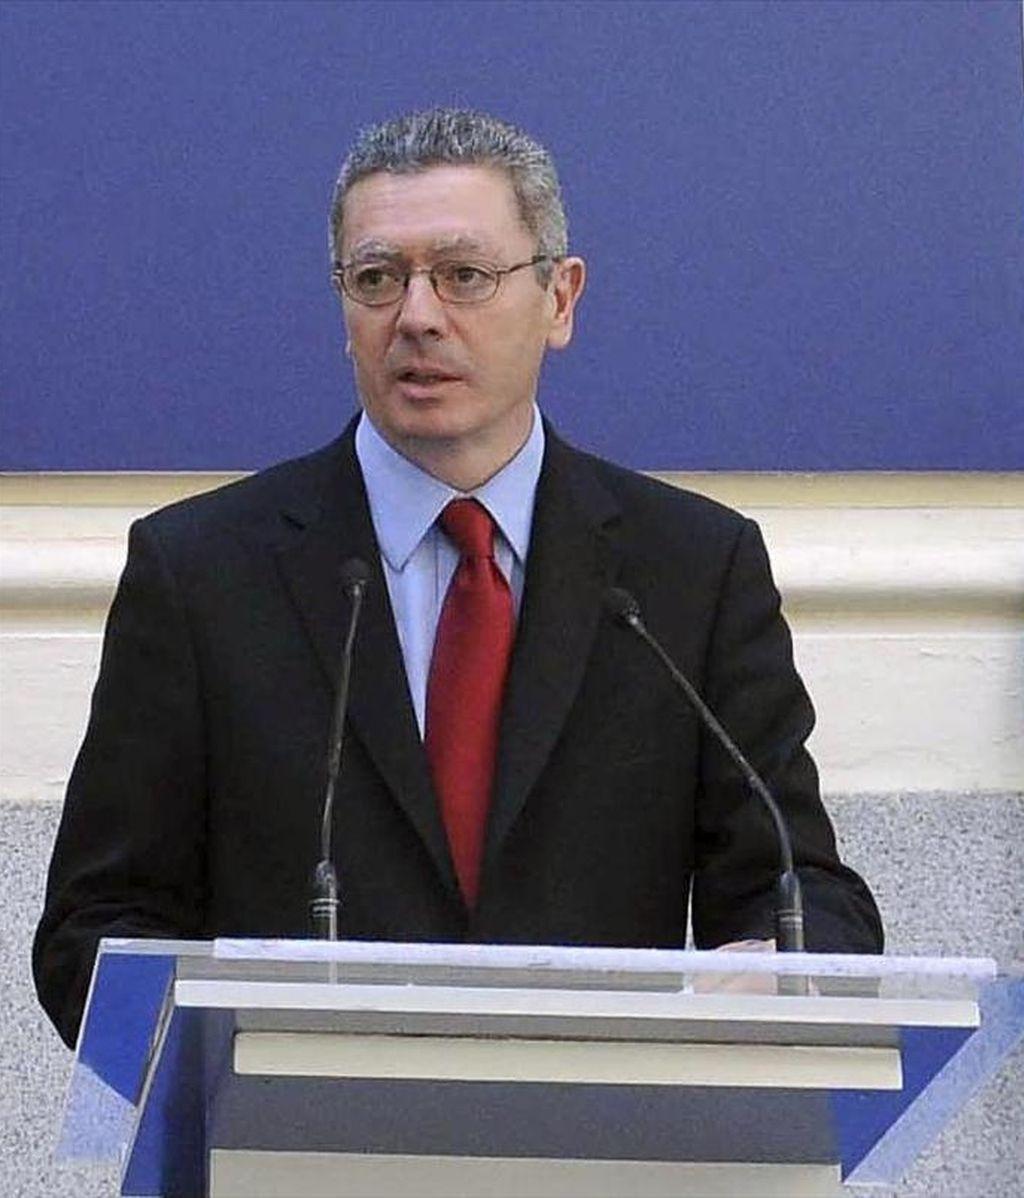 El alcalde de Madrid y candidato del PP a la reelección, Alberto Ruiz-Gallardón. EFE/Archivo